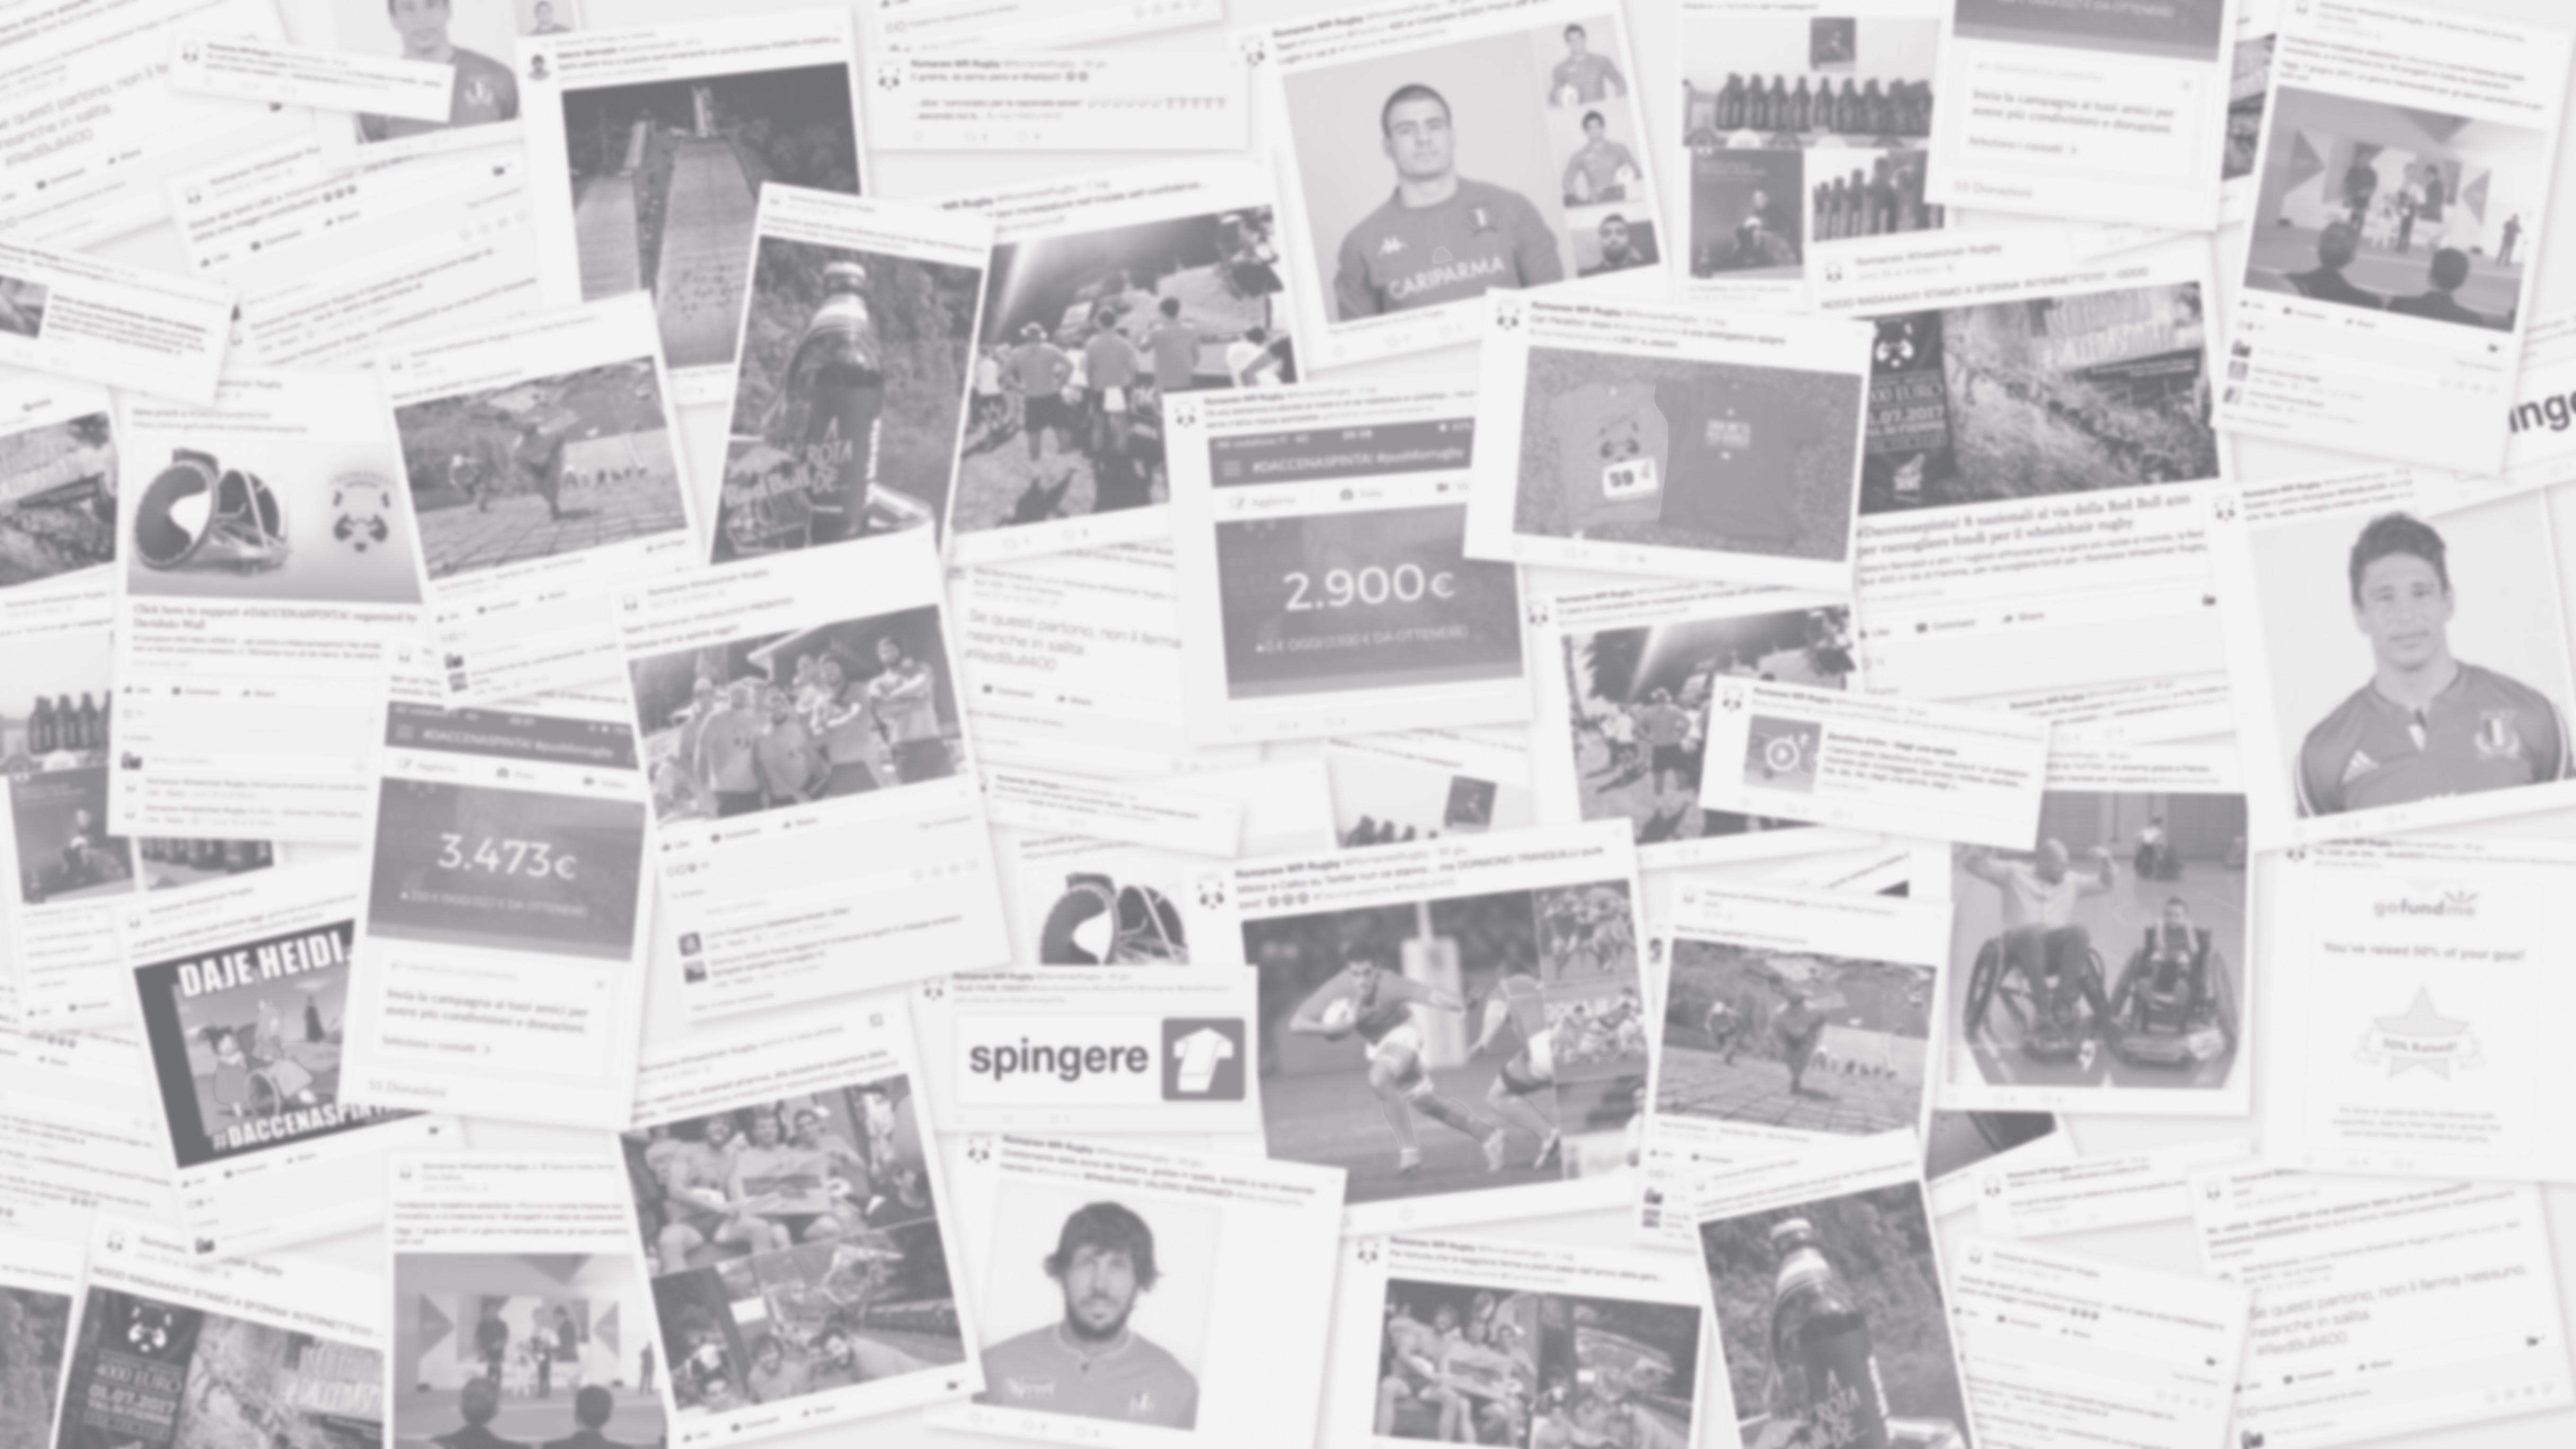 STAMO A ROTA DE SOCIAL NETWORK